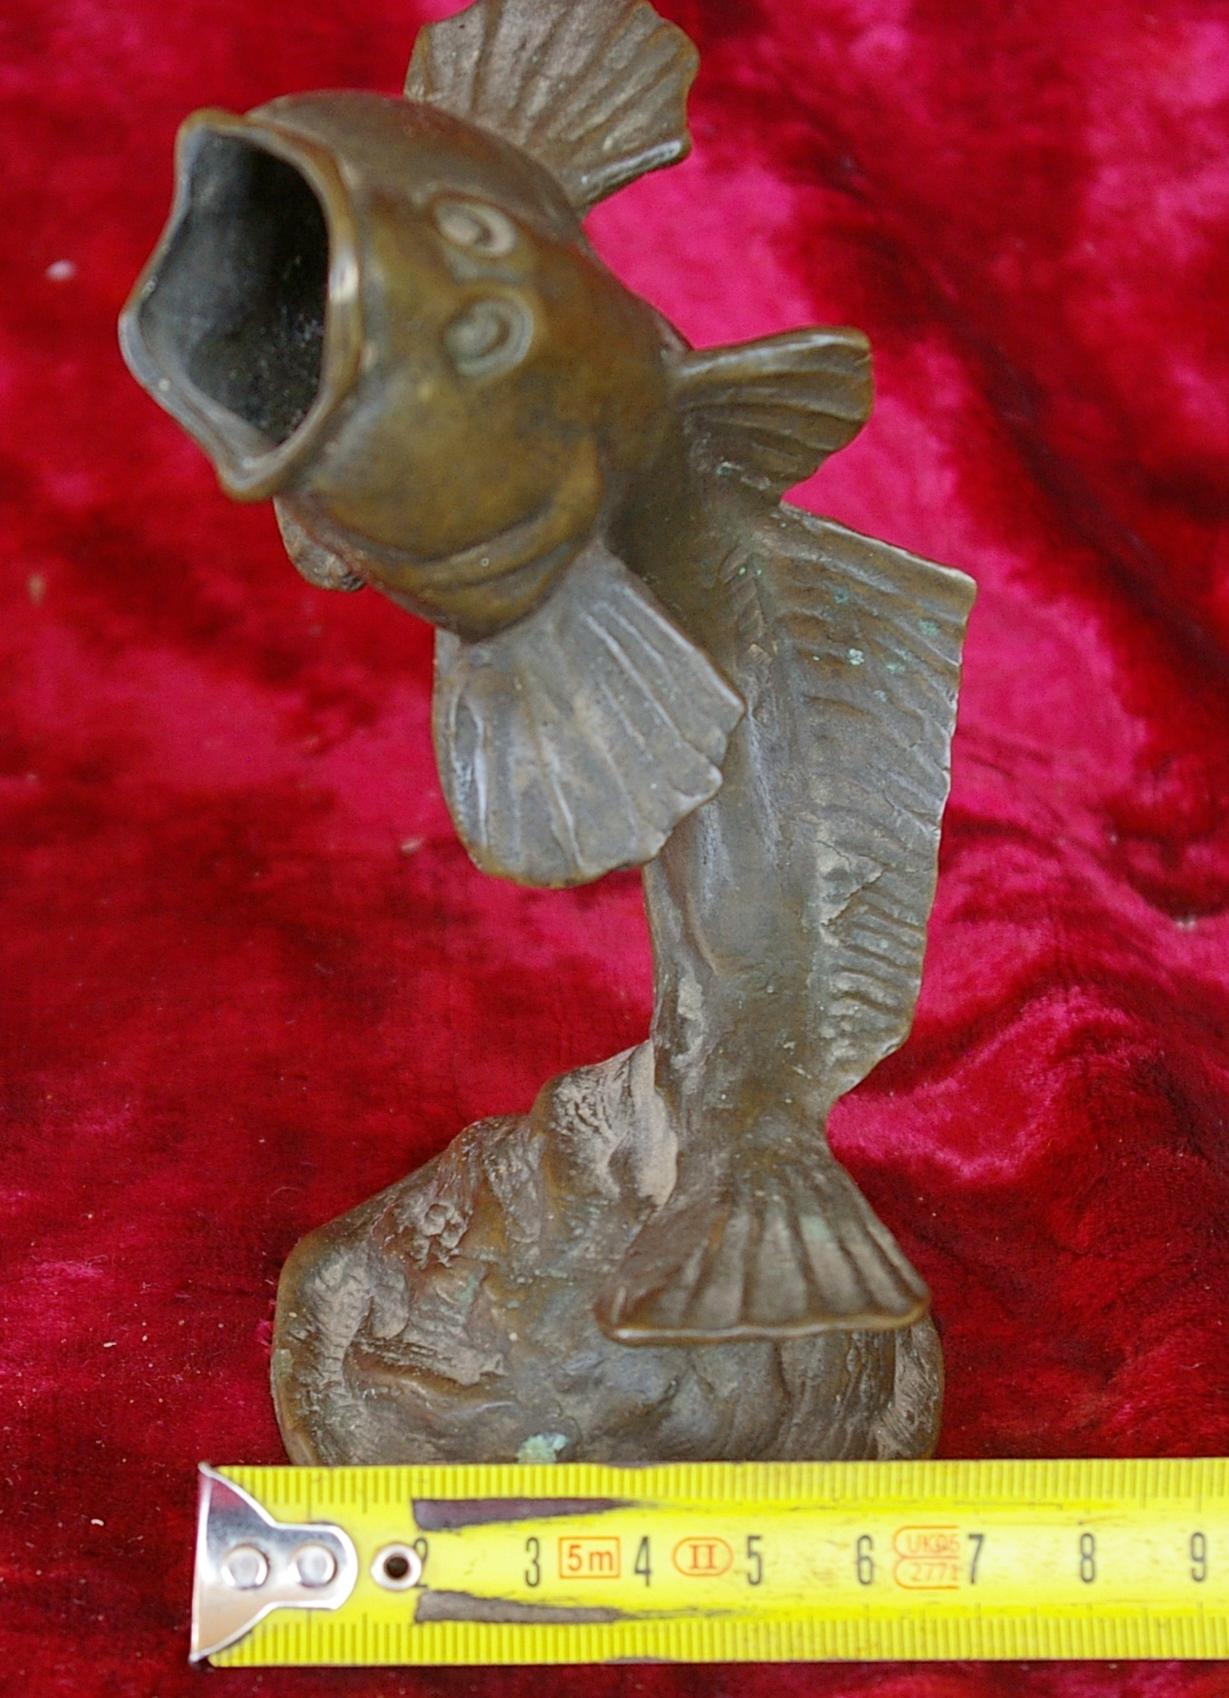 Скульптура Пепельница, материал бронза, высота 14 см., ширина 7 см., длина 6 см. - 7